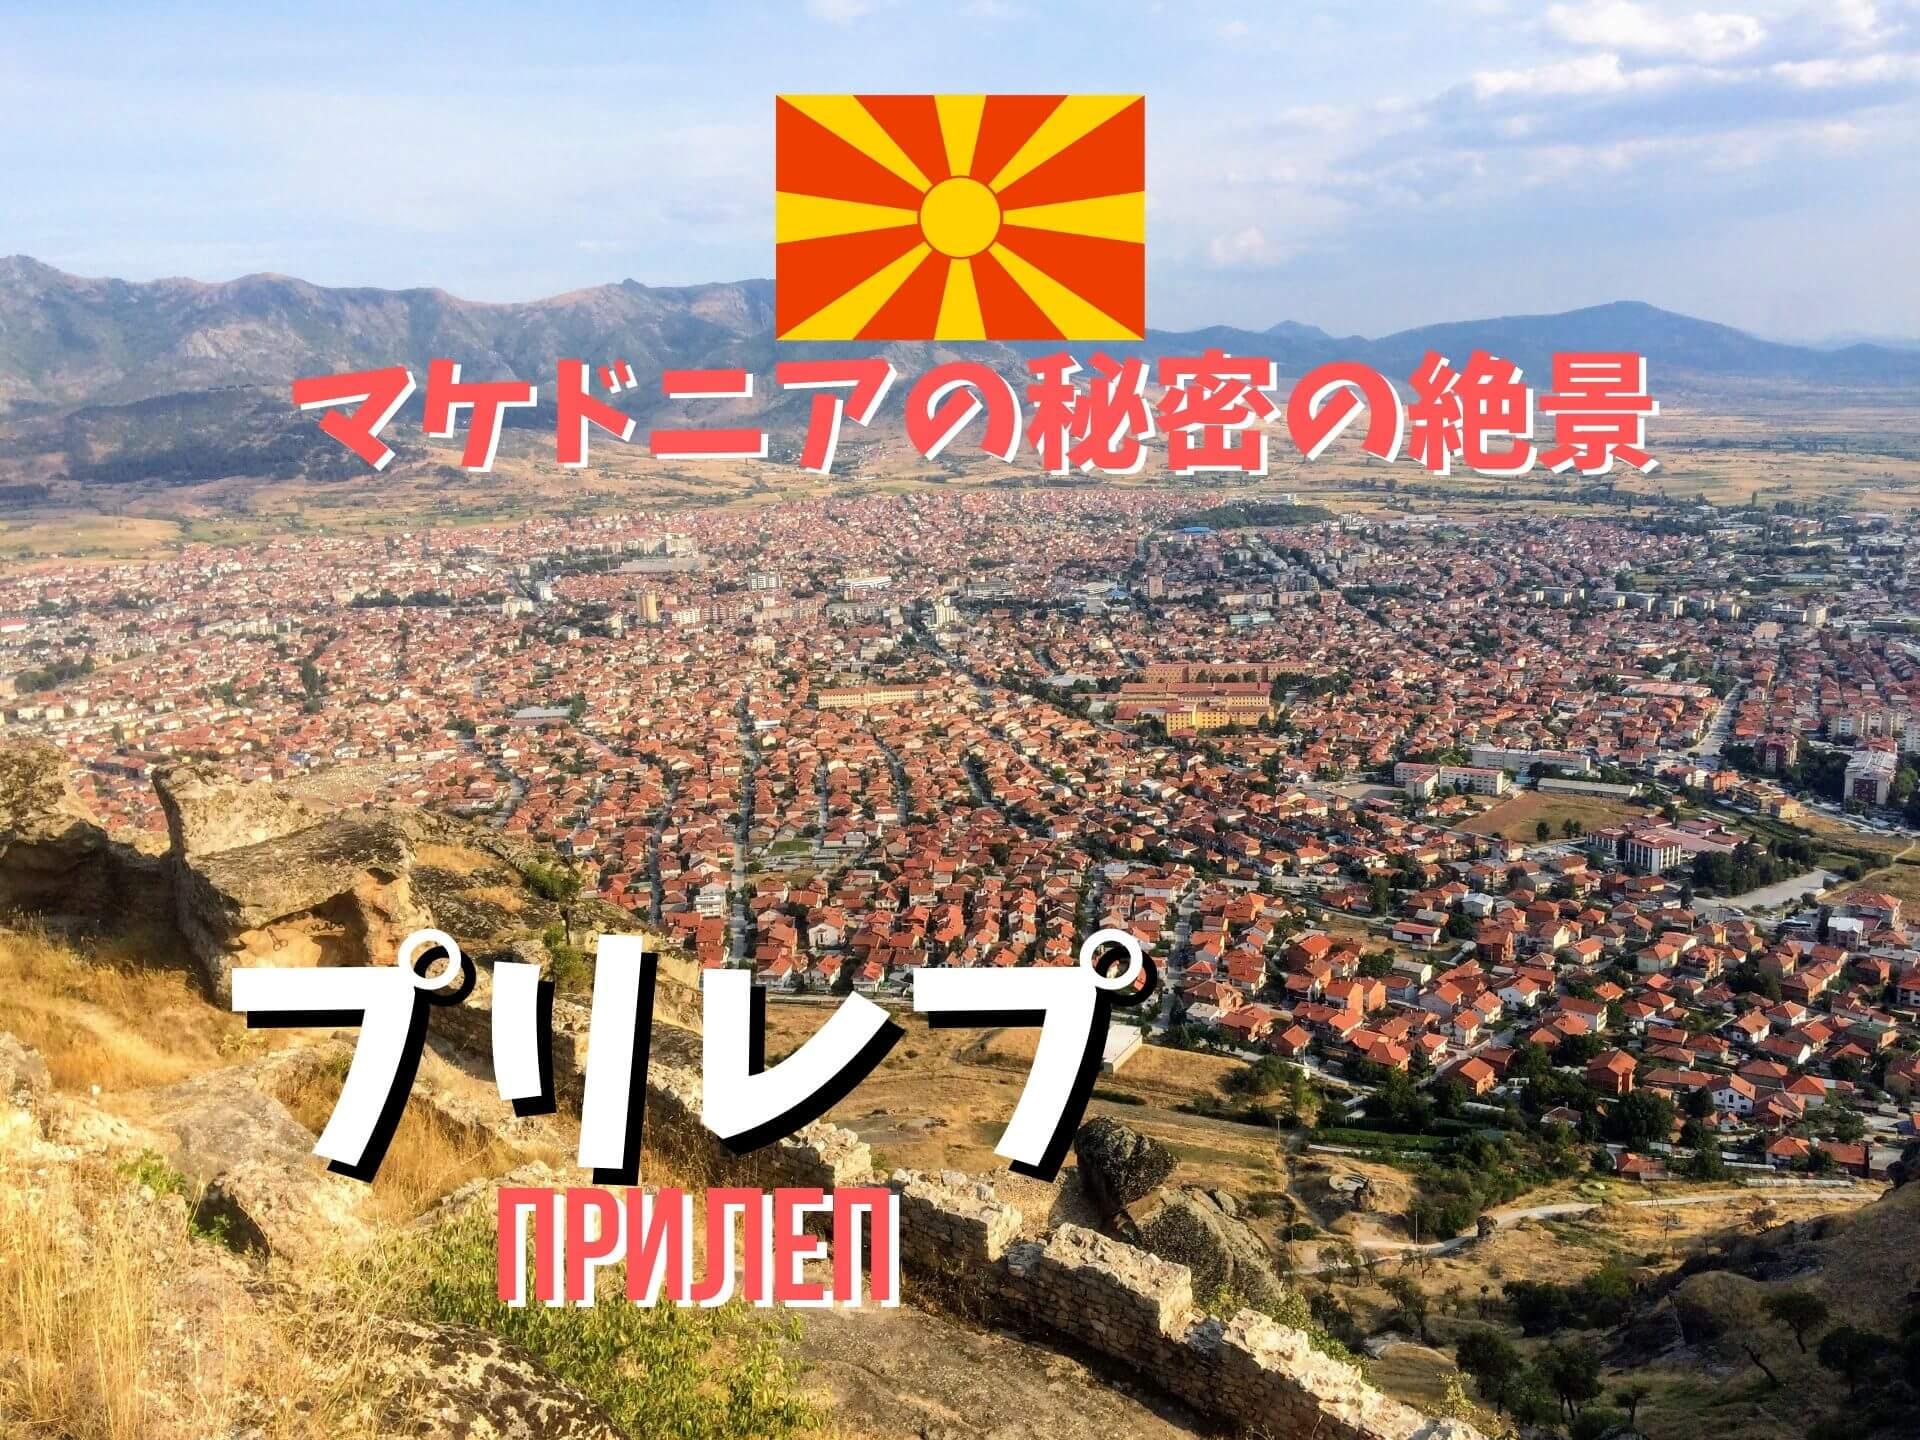 超穴場】北マケドニア・プリレプのマルコの塔が絶景スポットすぎた ...